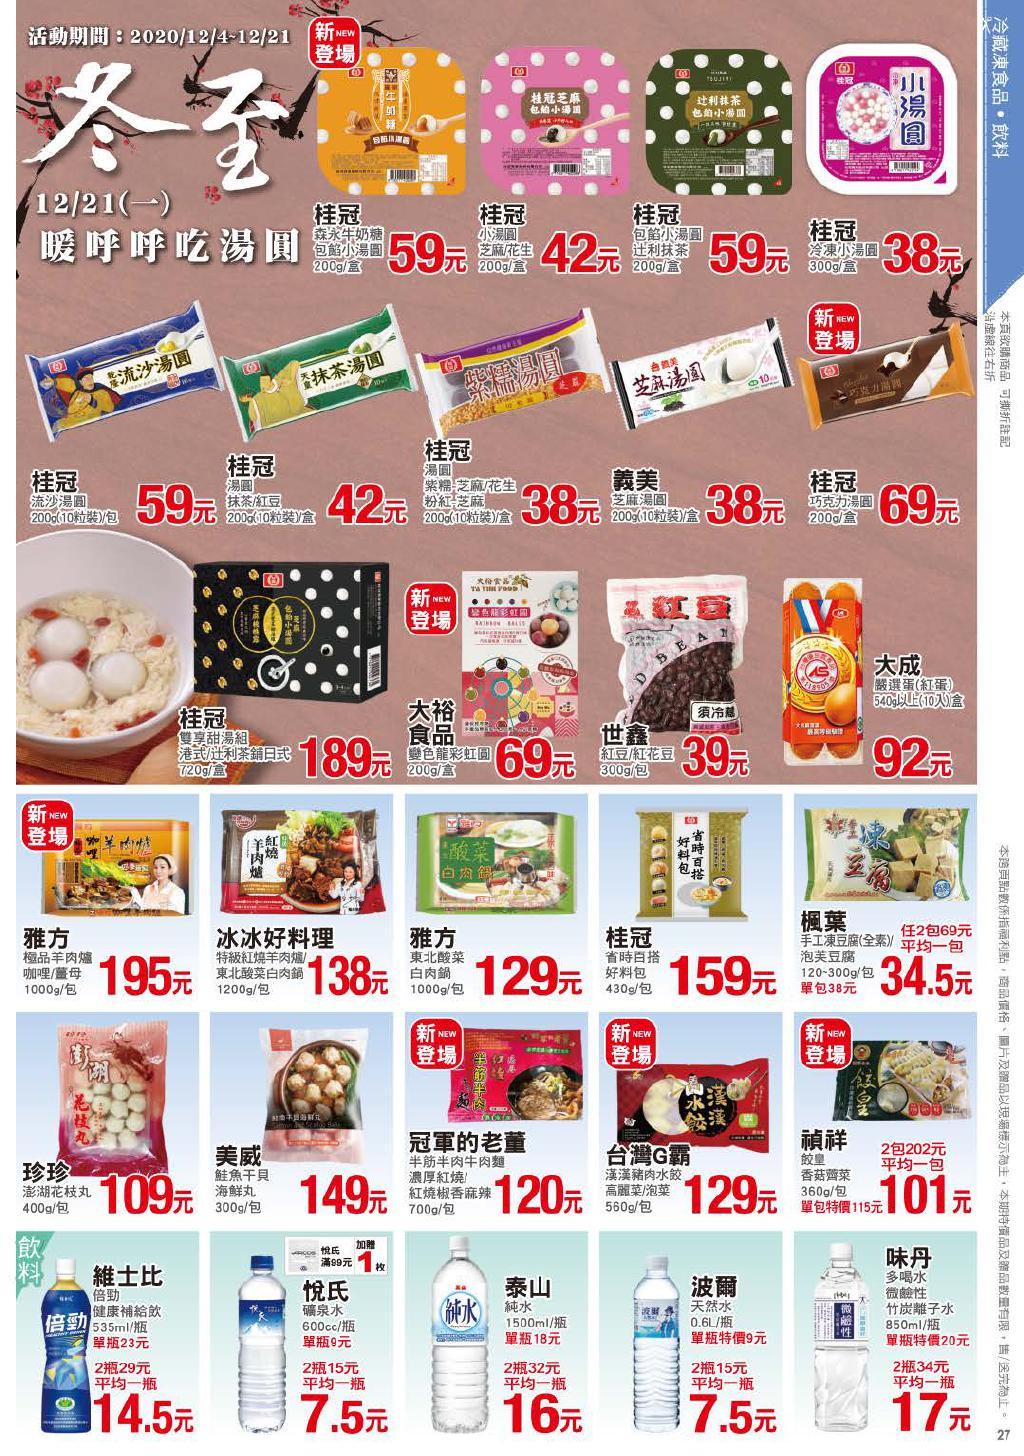 pxmart20201217_000027.jpg